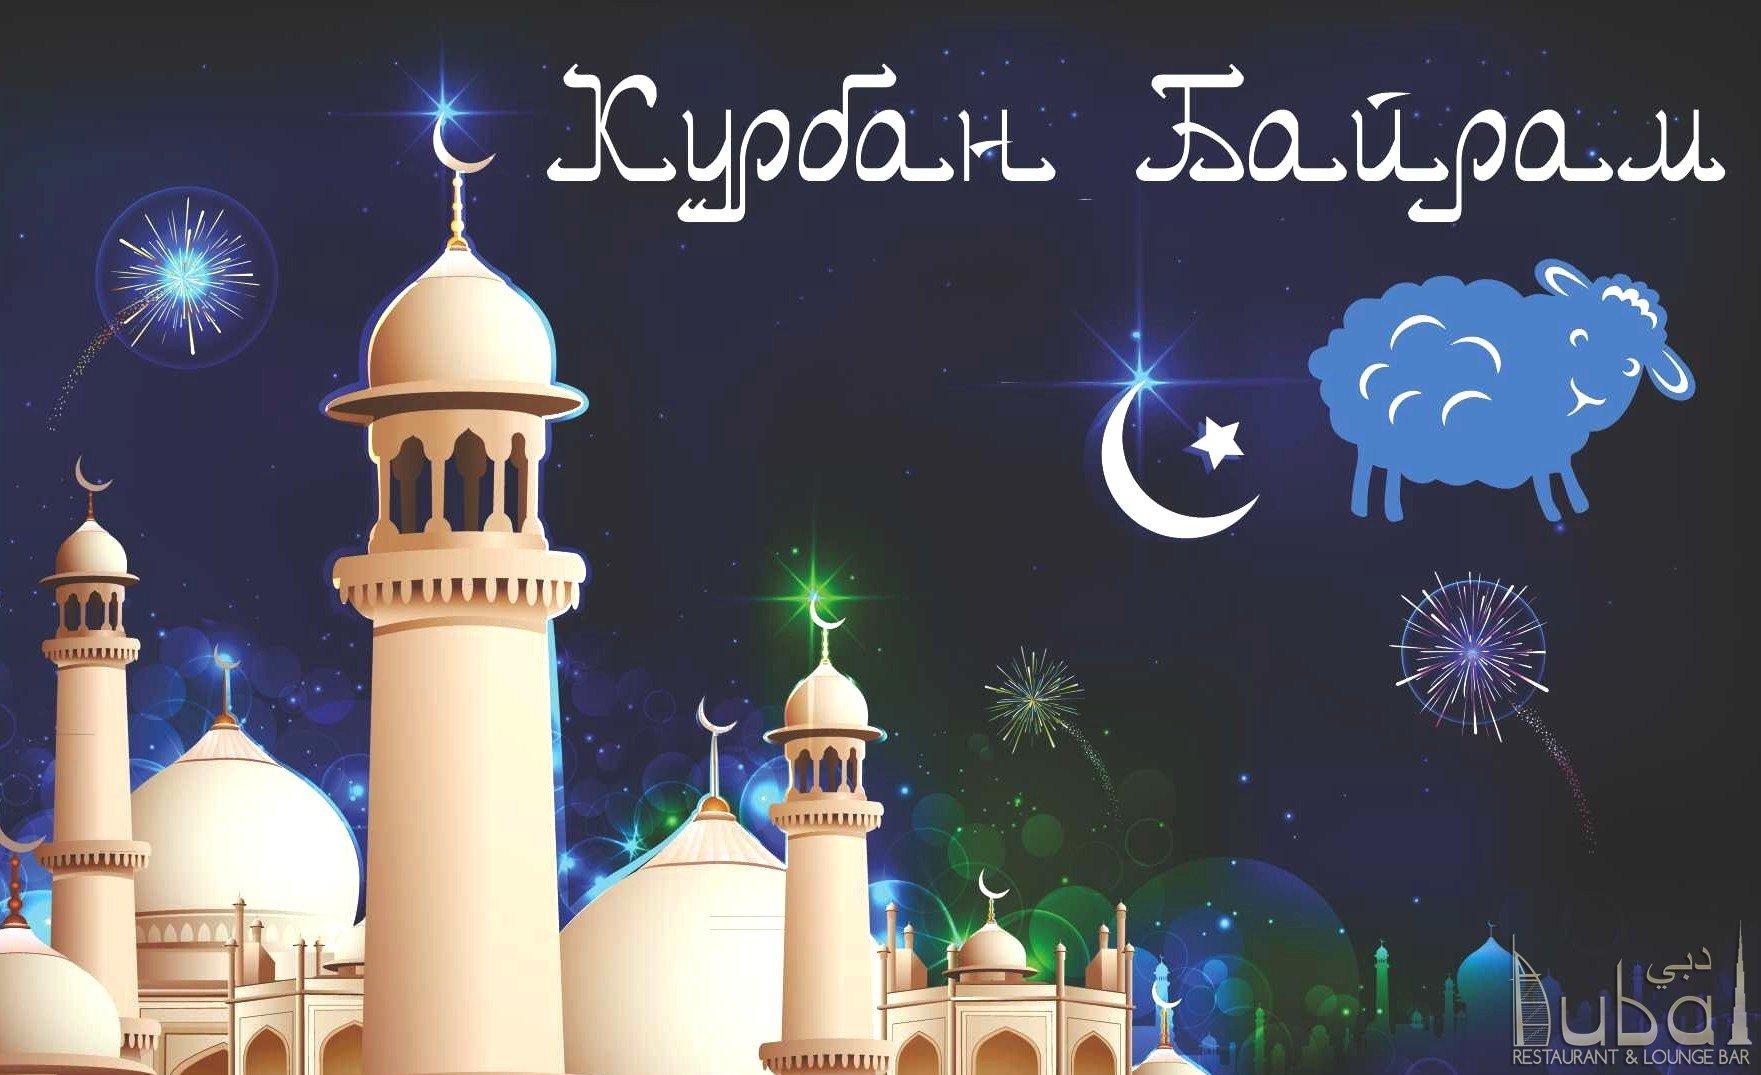 Открытки для Праздника Курбан-Байрам. Поздравляем!